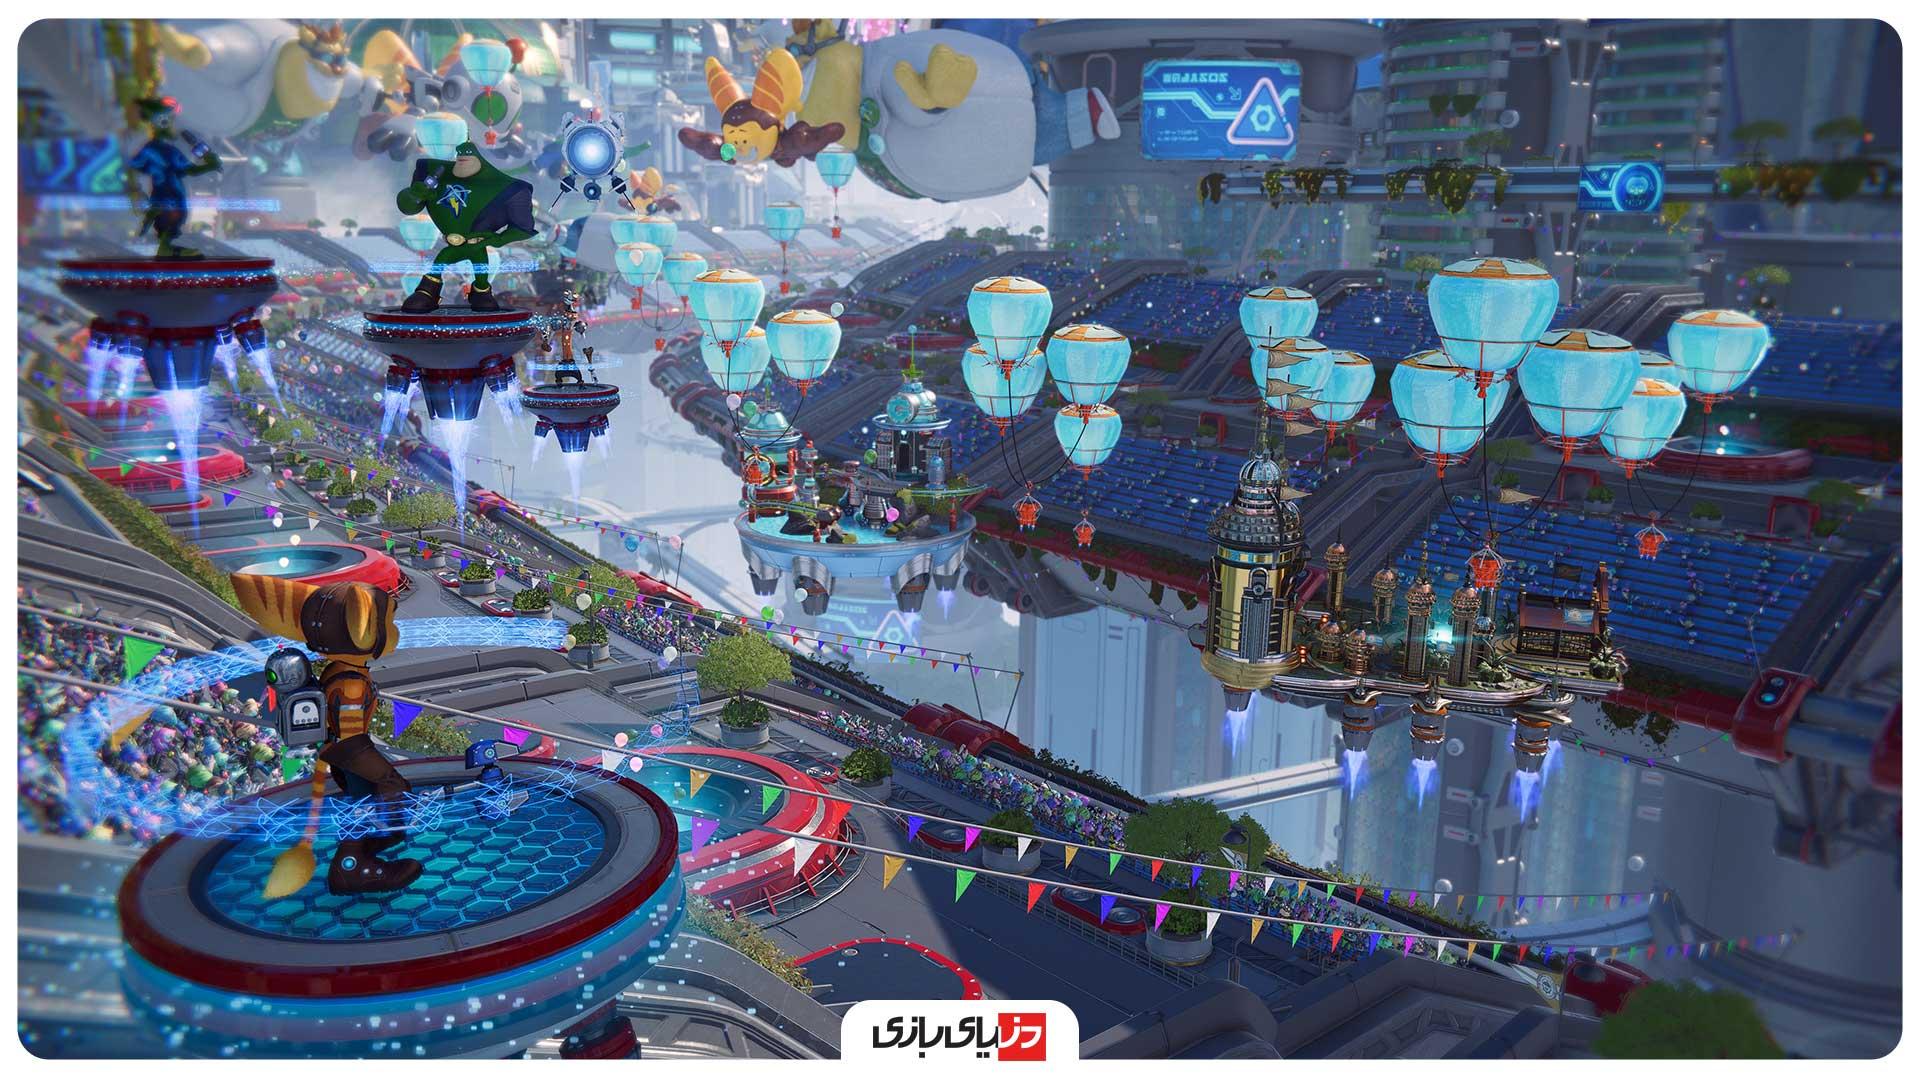 محیطهای شلوغ در بازی Ratchet & Clank: Rift Apart